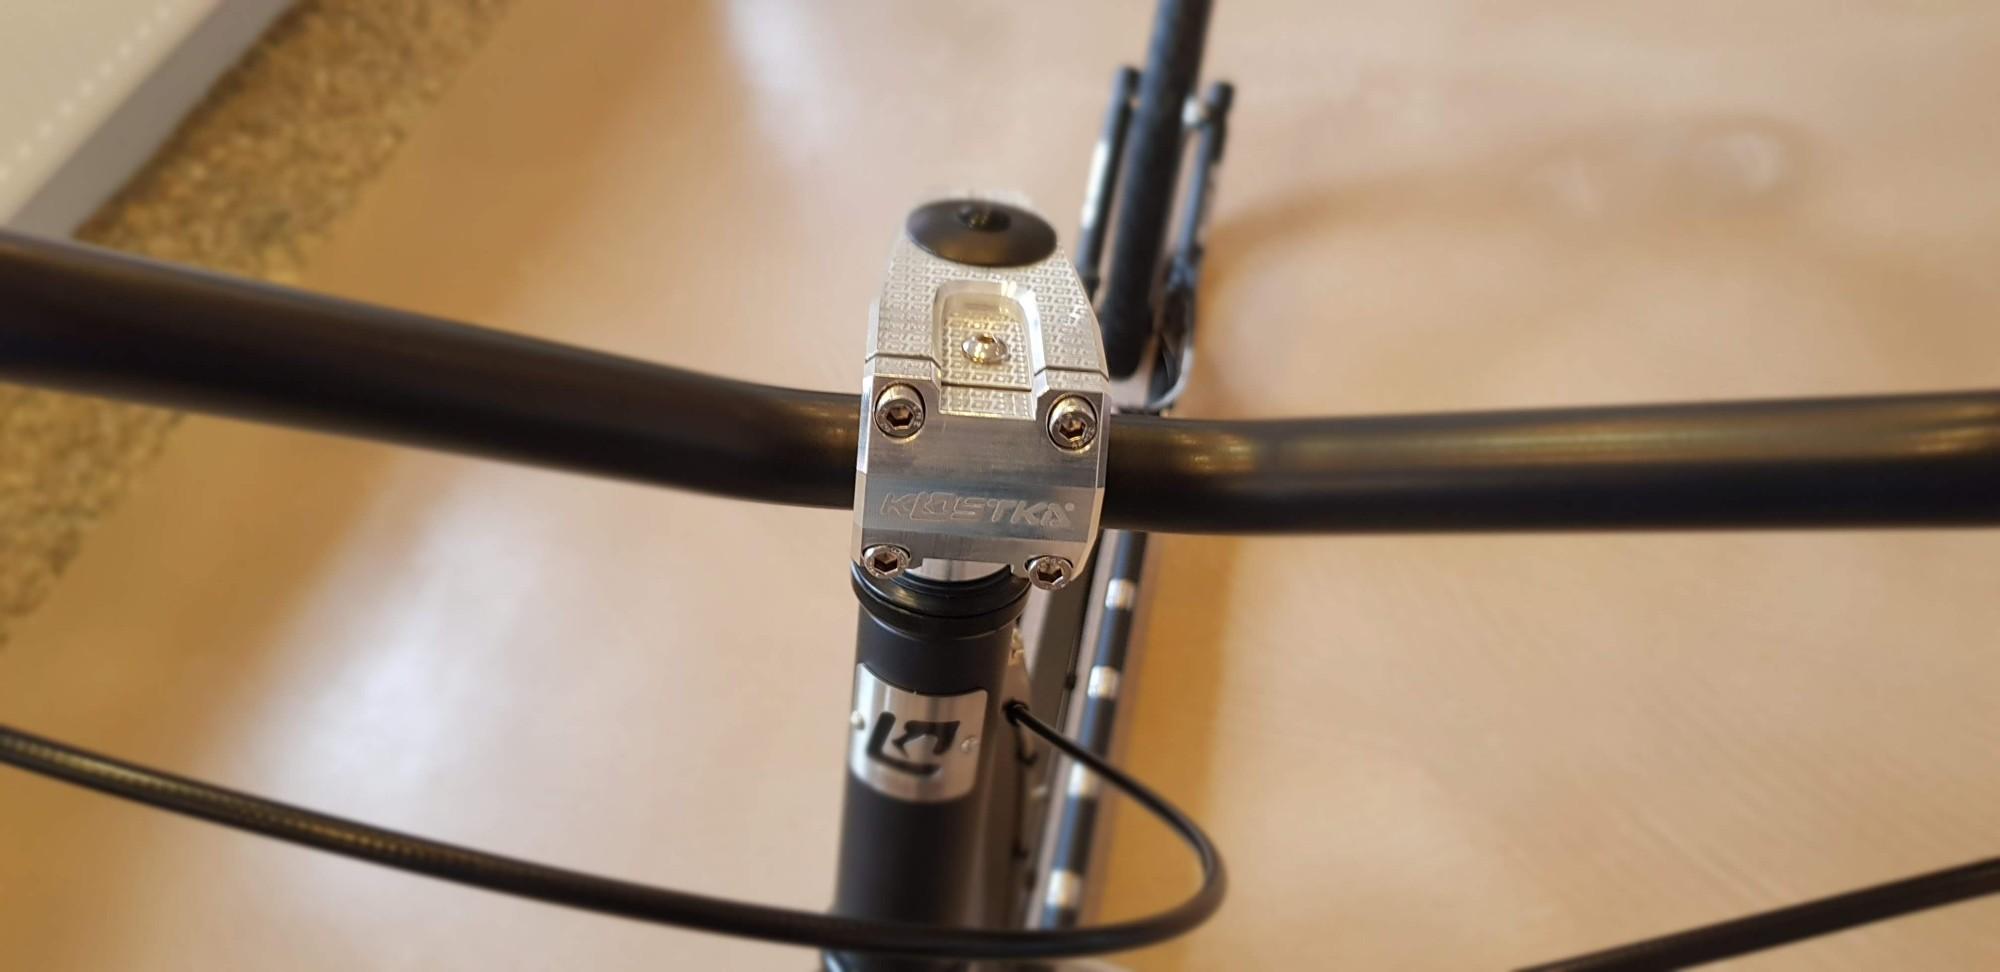 kostka-tour-max-G6-11